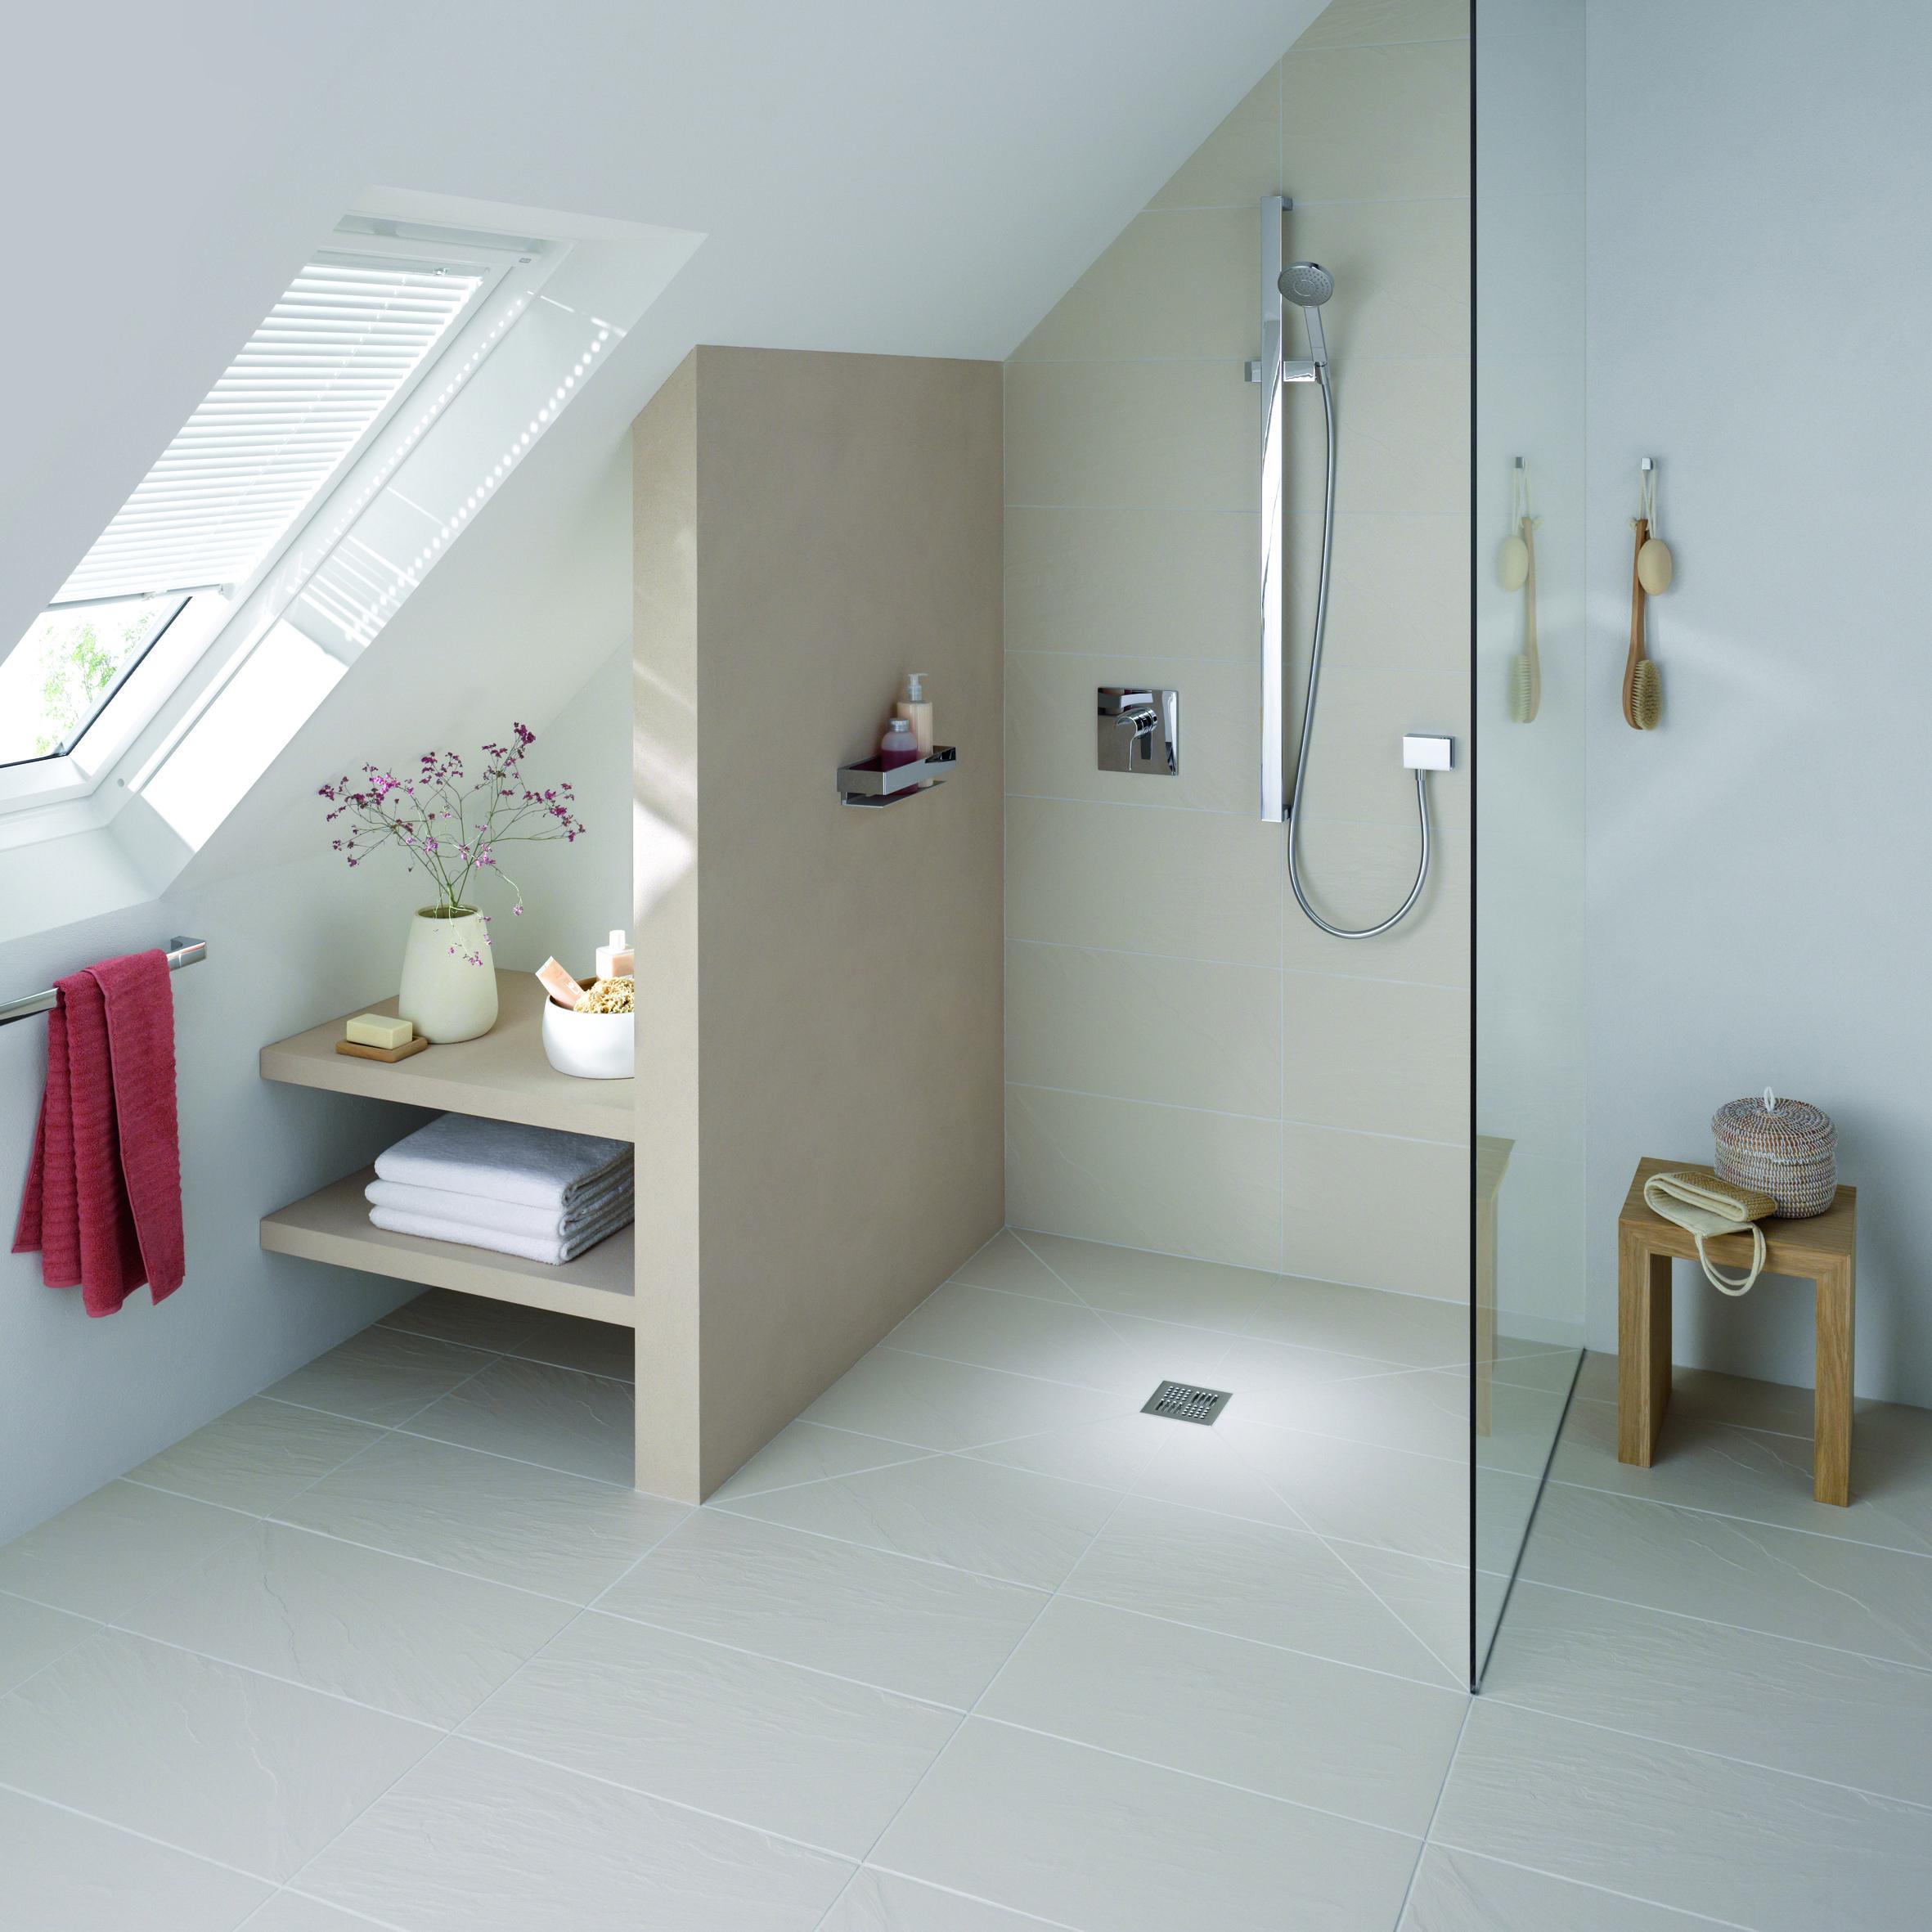 Dusche Unter Der Dachschrage Badezimmer Dachgeschoss Badezimmer Dachschrage Kleine Badezimmer